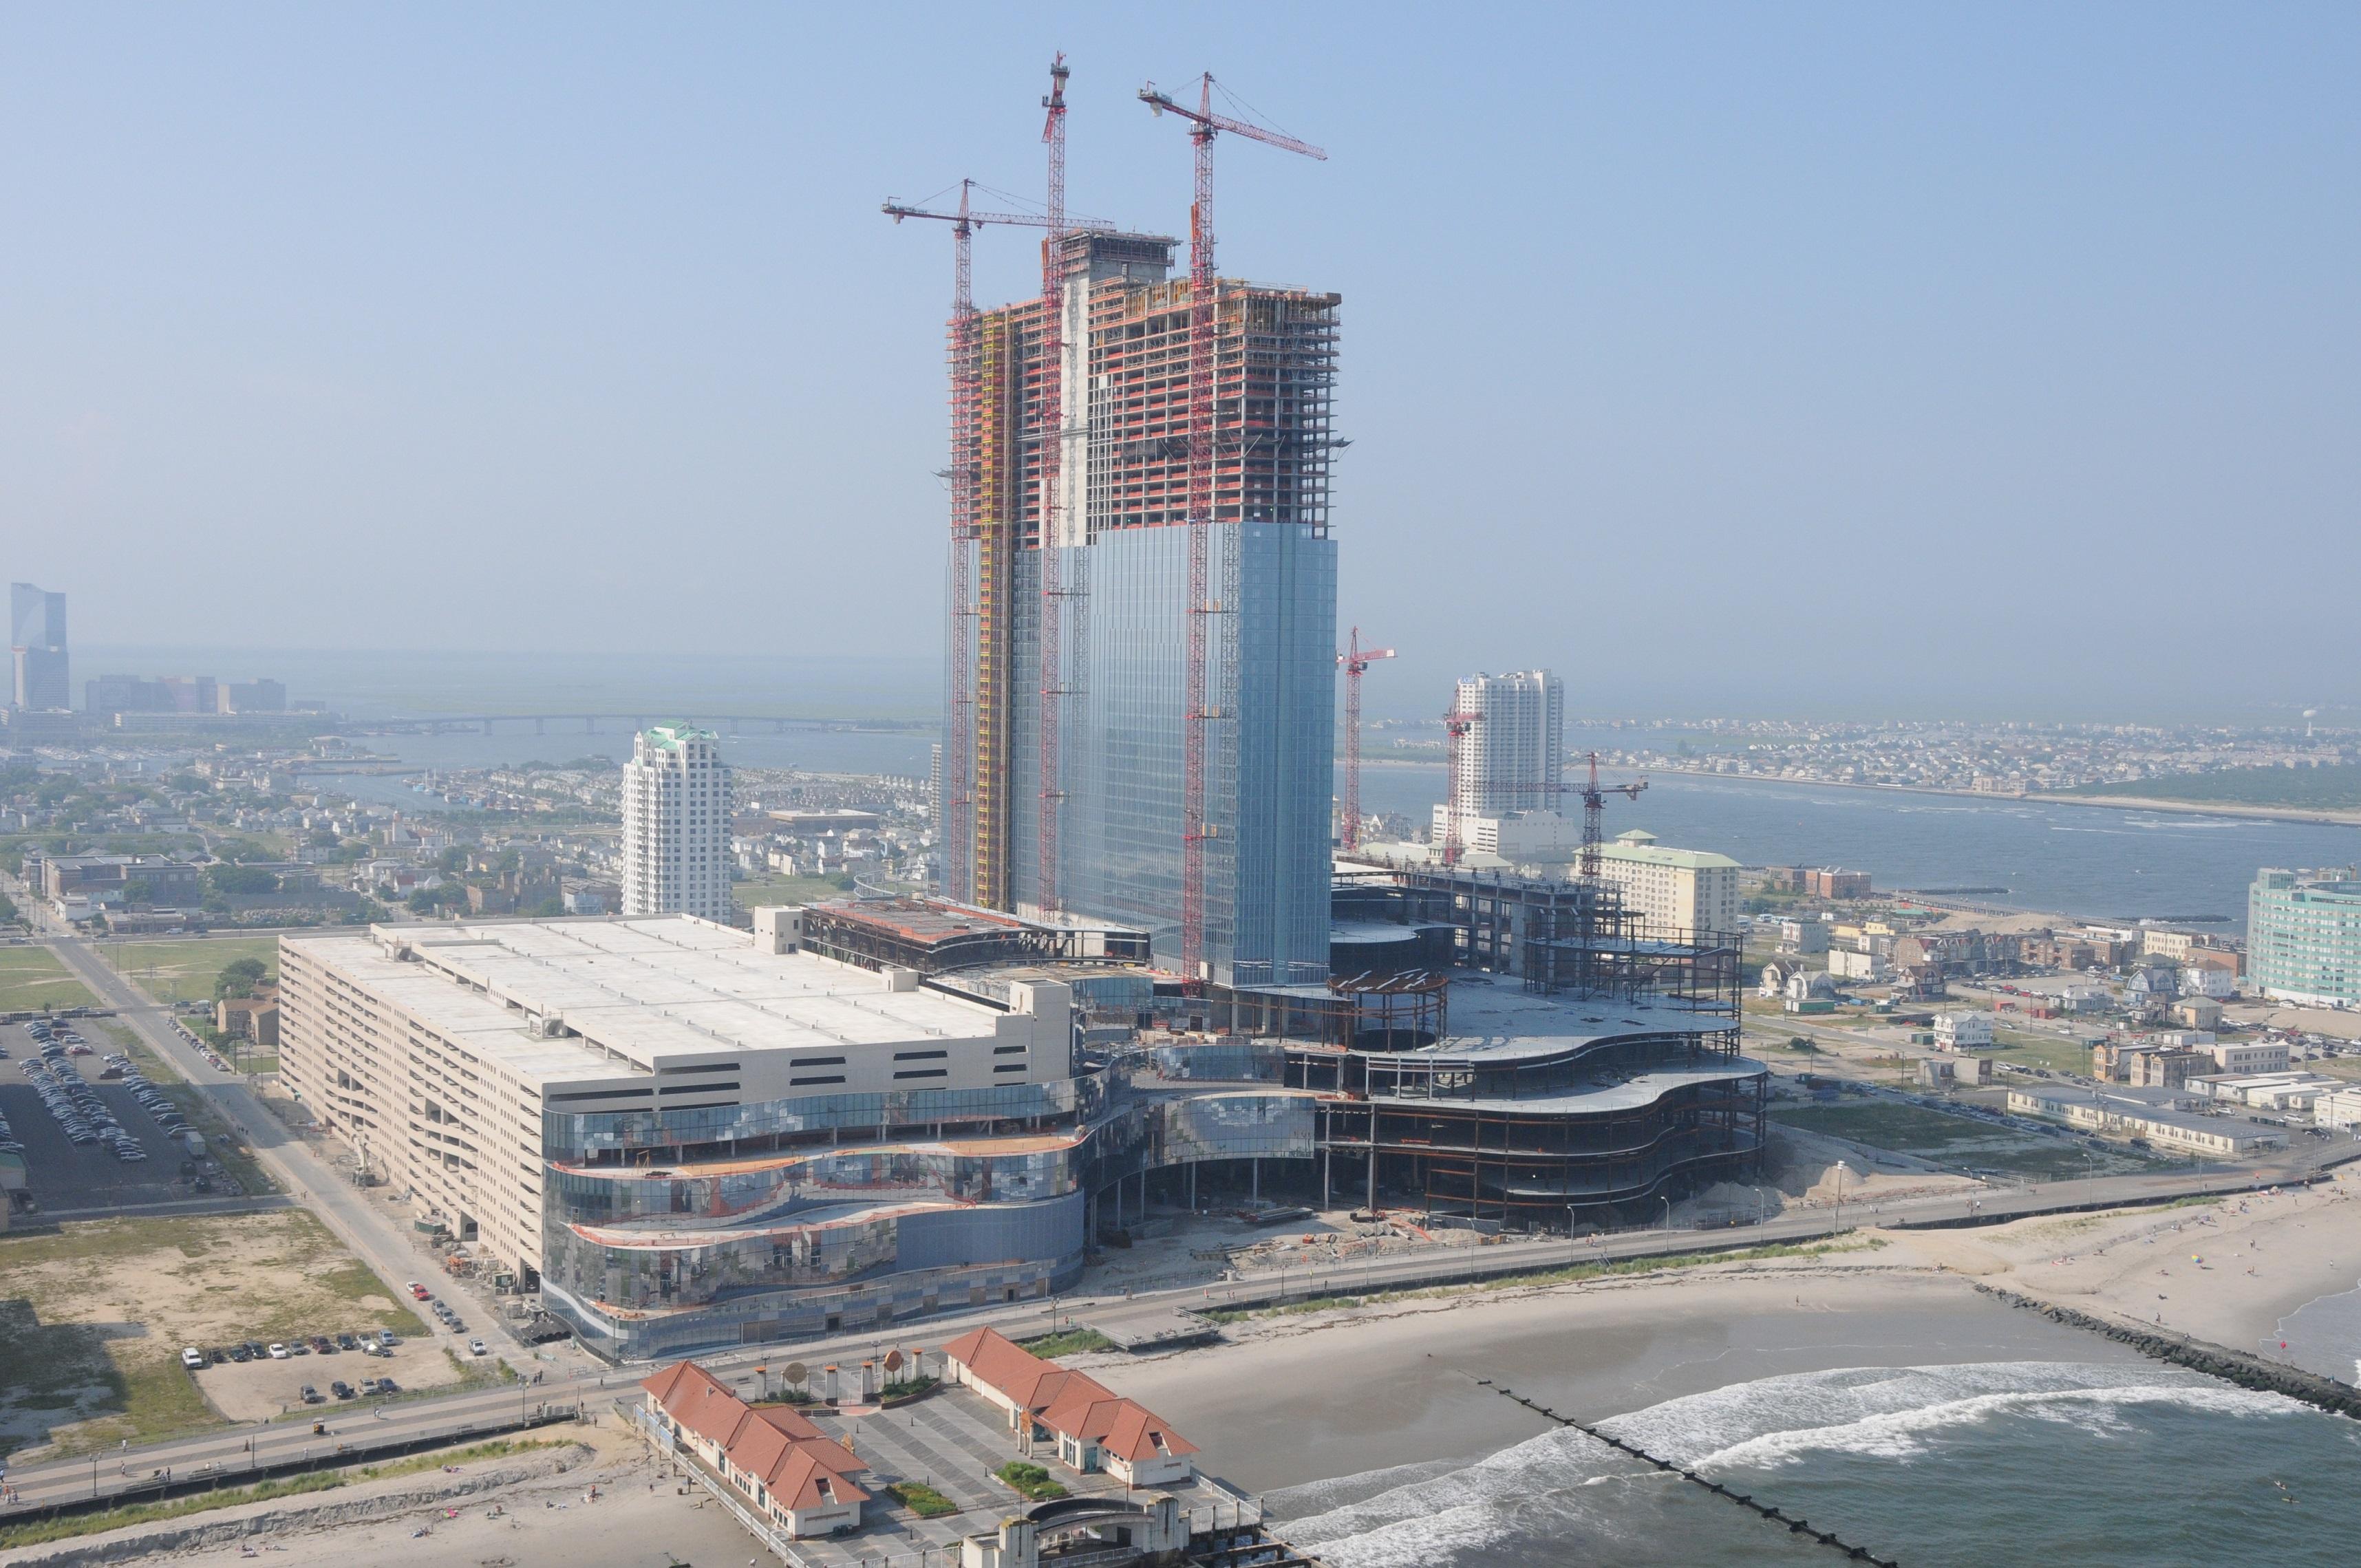 Revel Casino Reopening = New Hope For Atlantic City